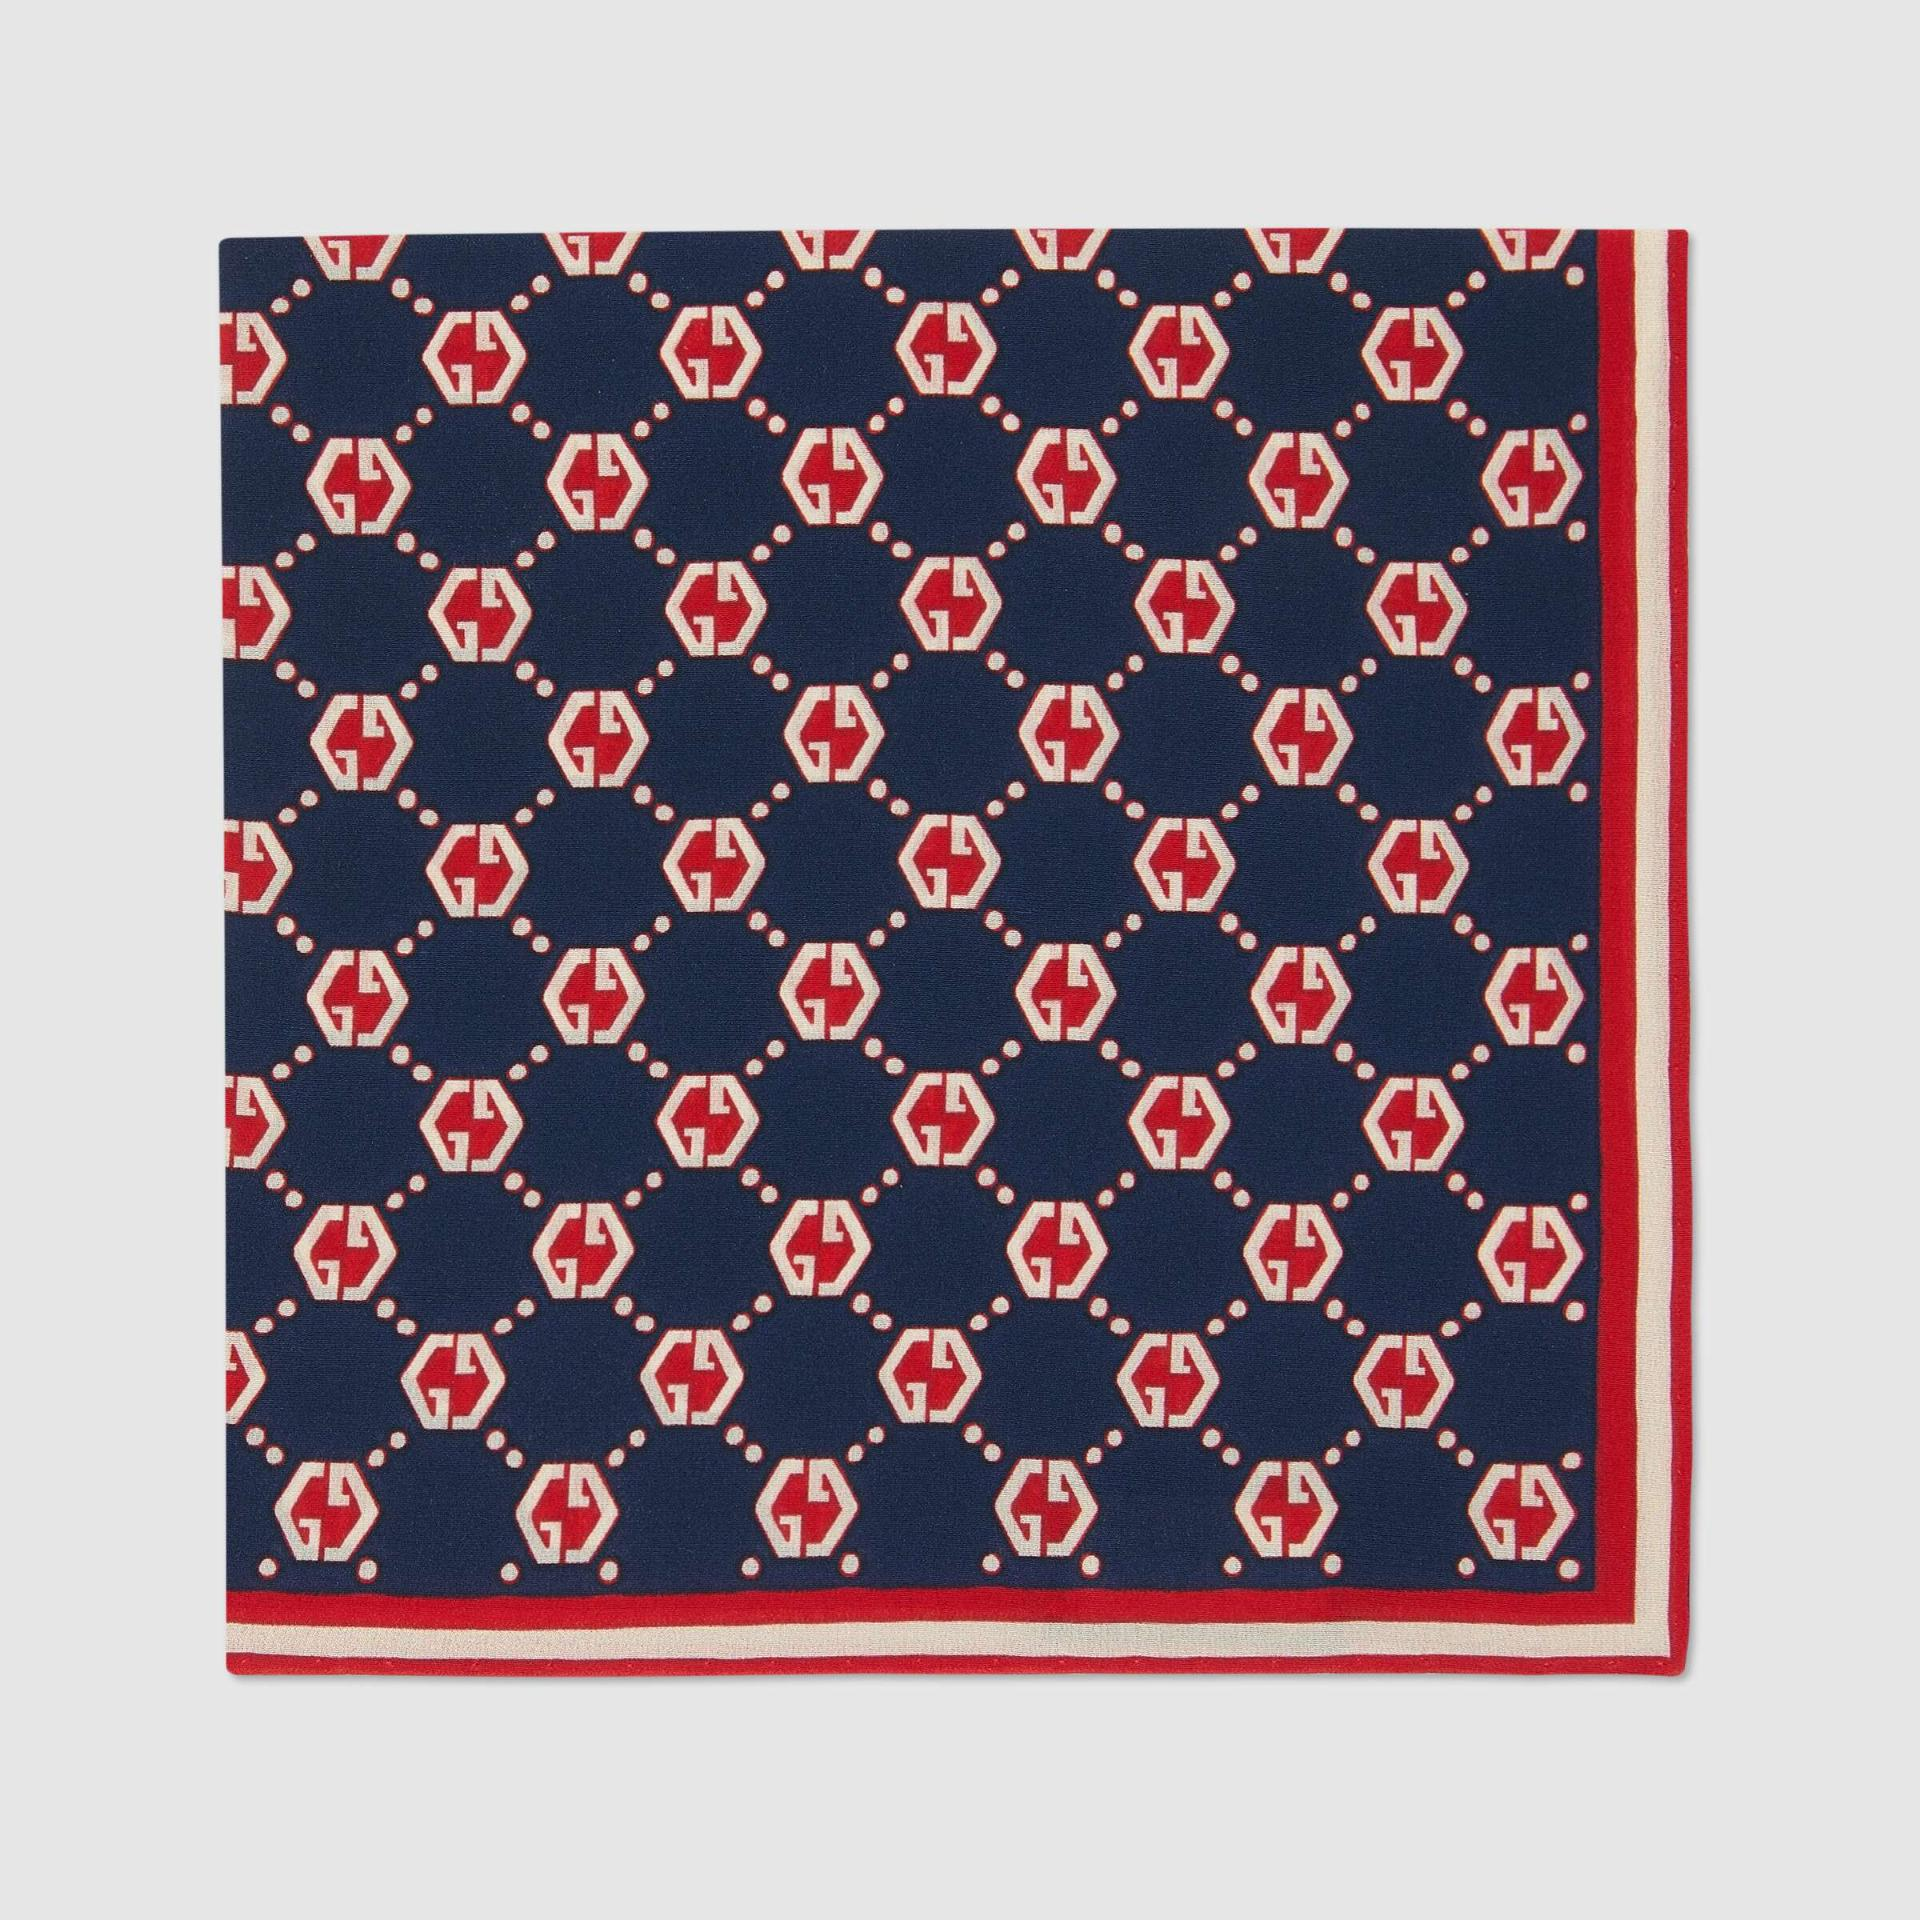 유럽직배송 구찌 GUCCI Gucci GG hexagon print silk pocket square 6600764G0054174